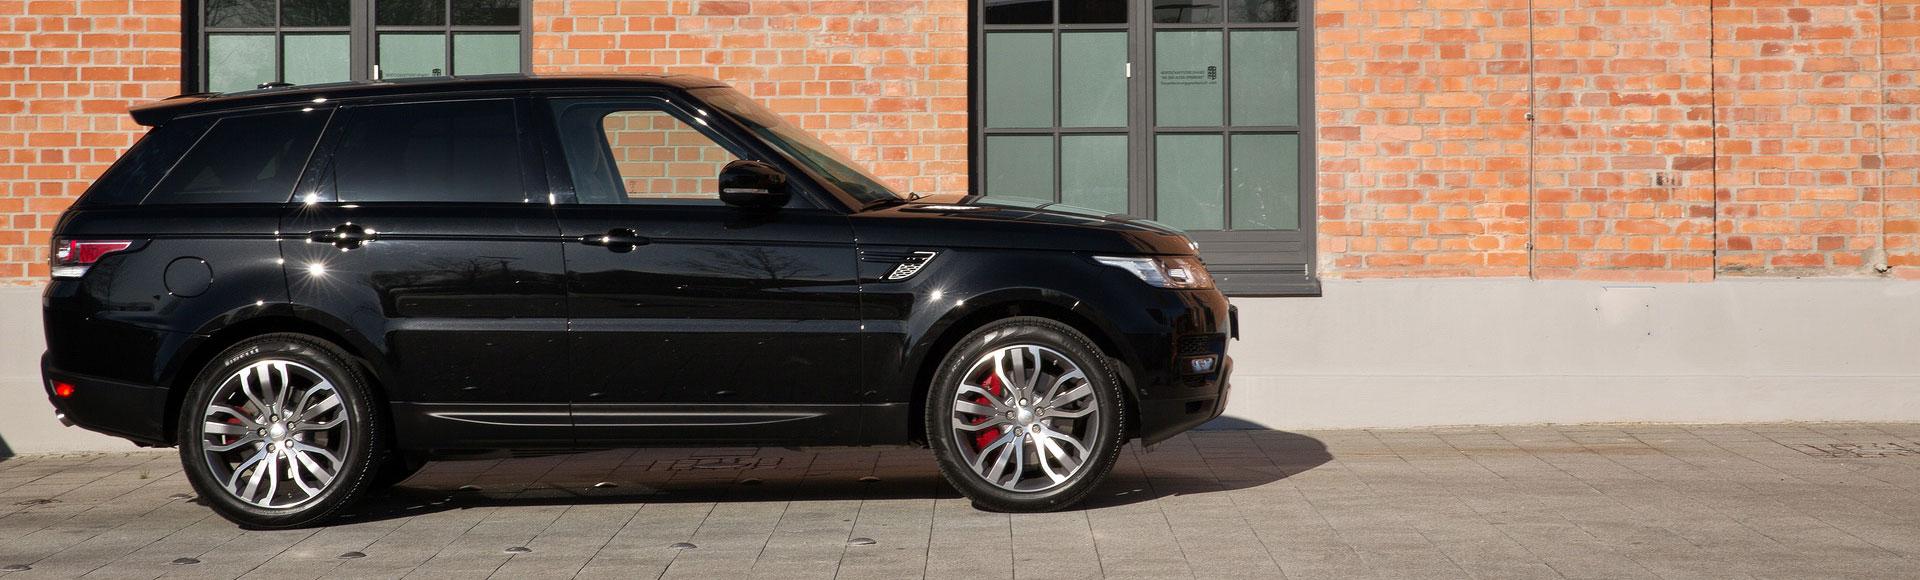 Land Rover Range Rover Sport 2014 sommer 30437